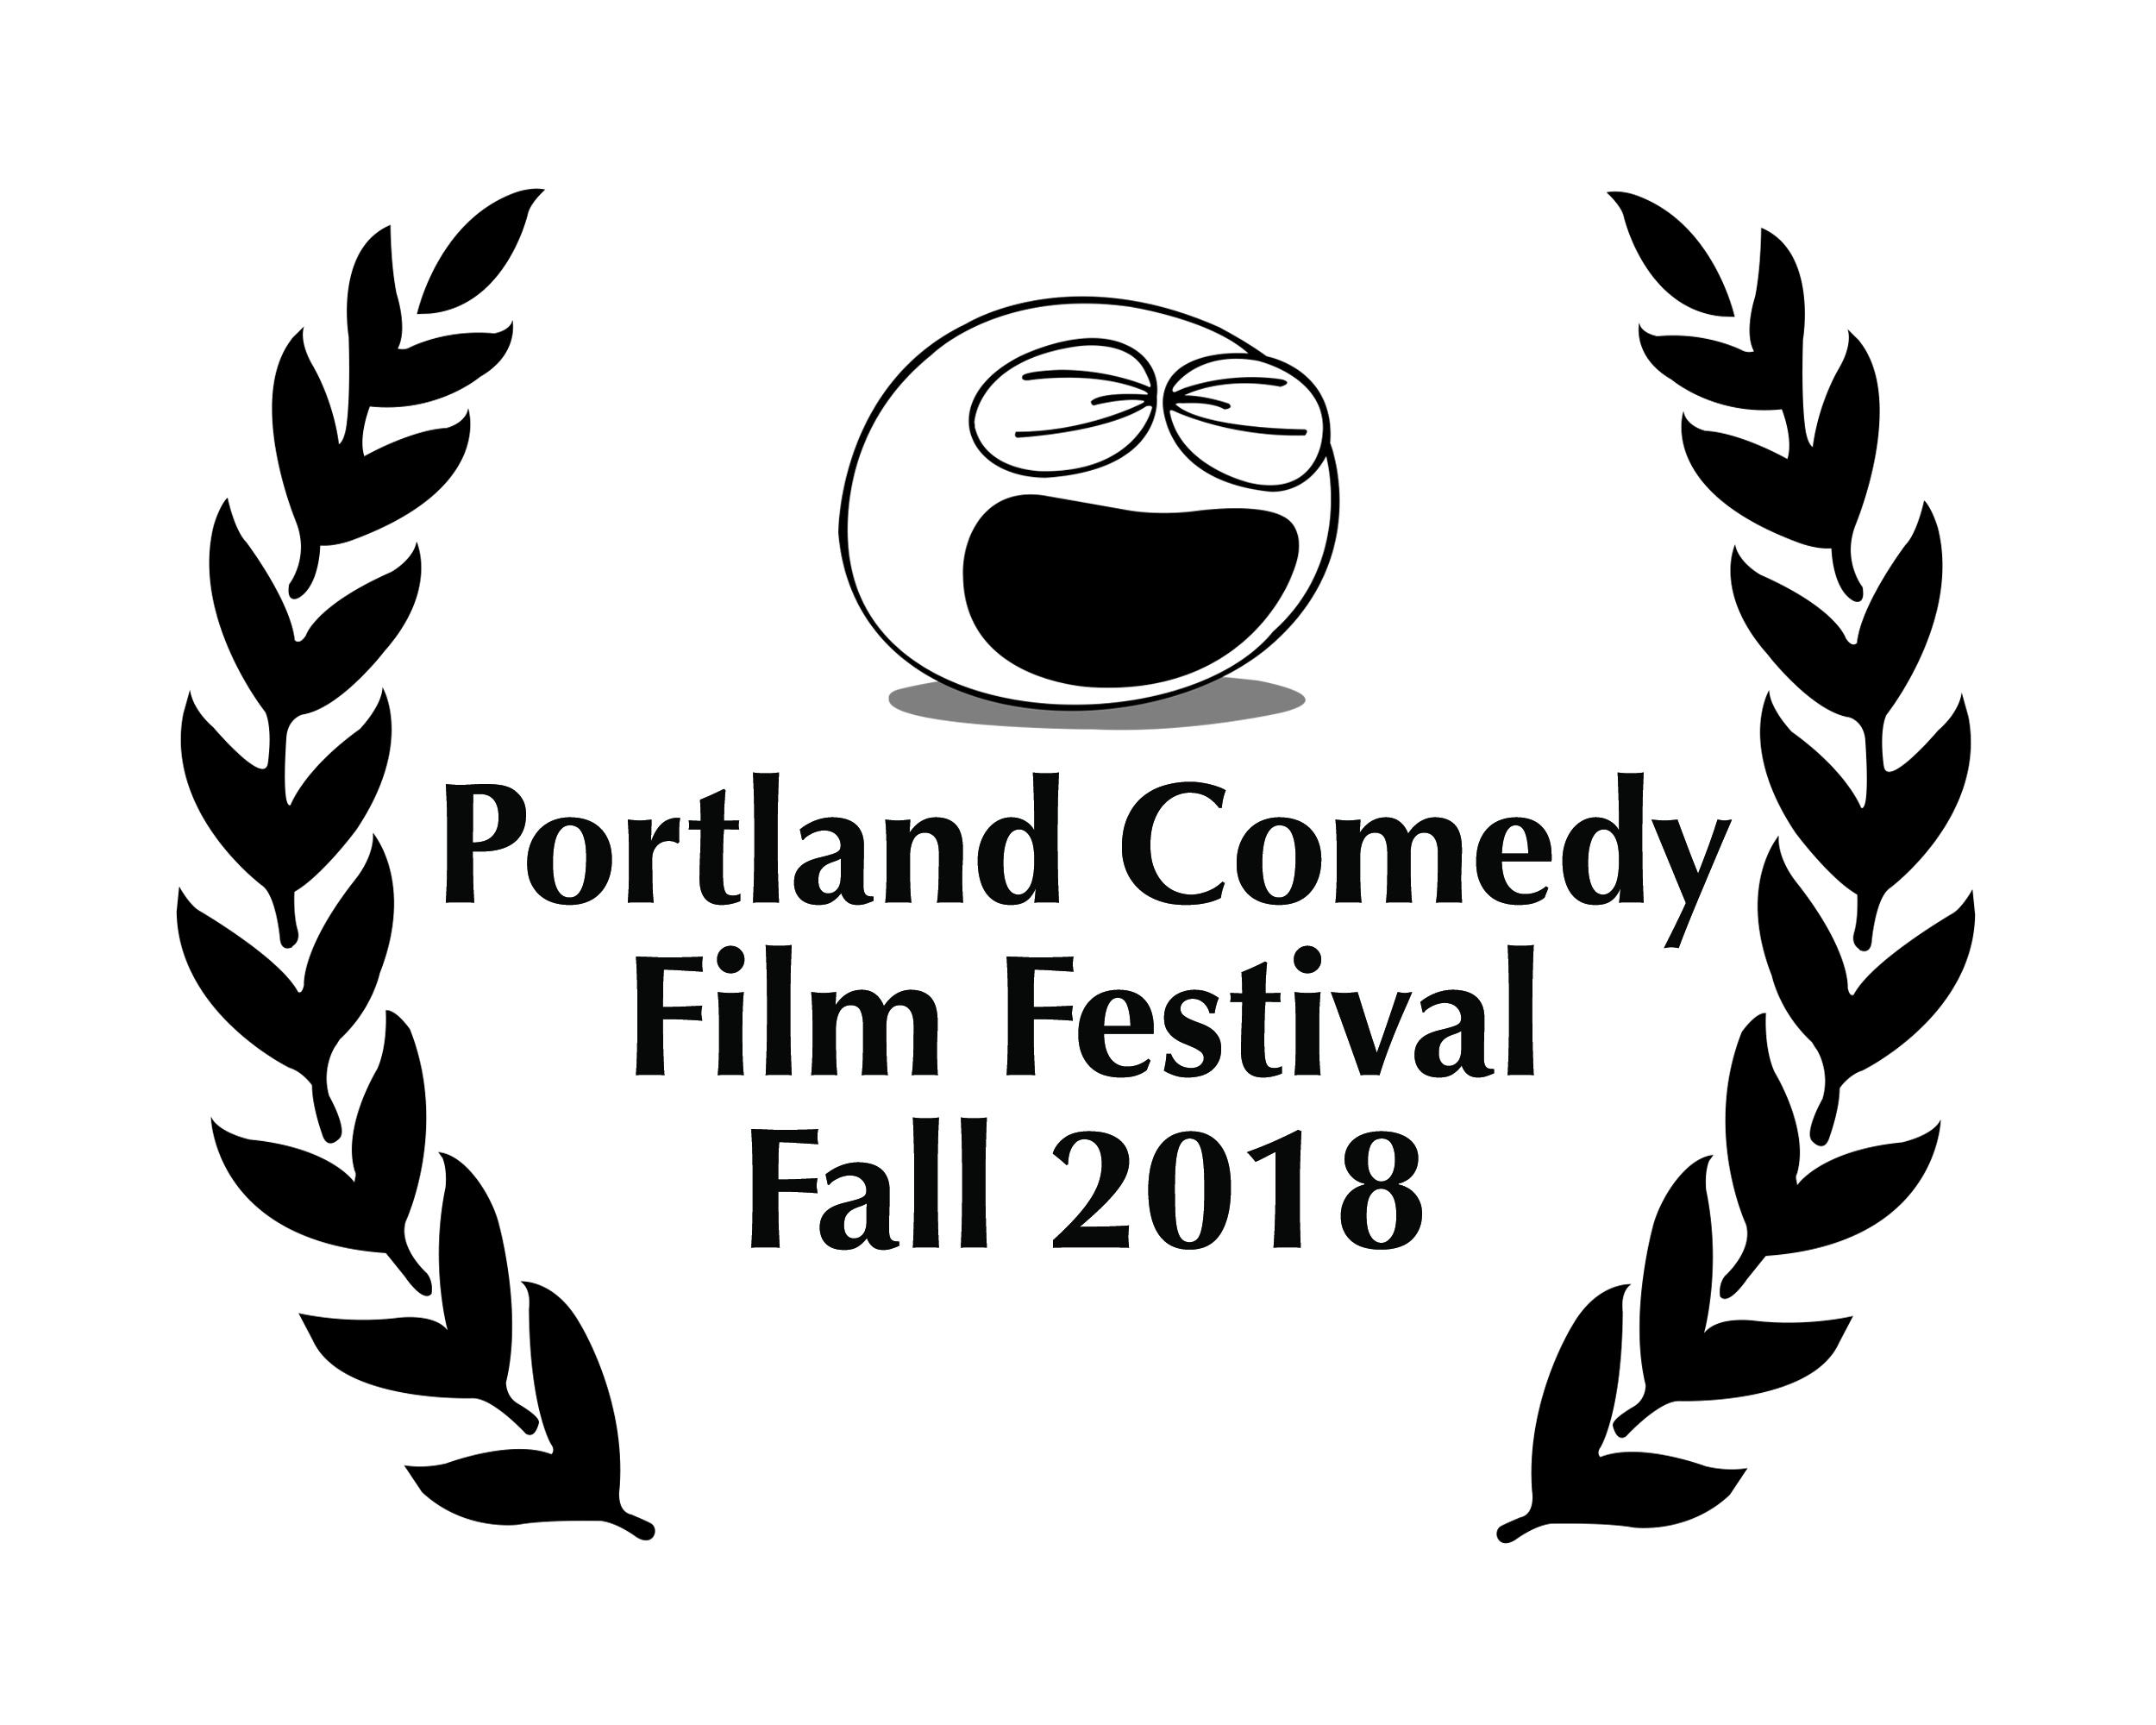 Angelica Camacho Nude portland comedy film festival fall 2018 event recap